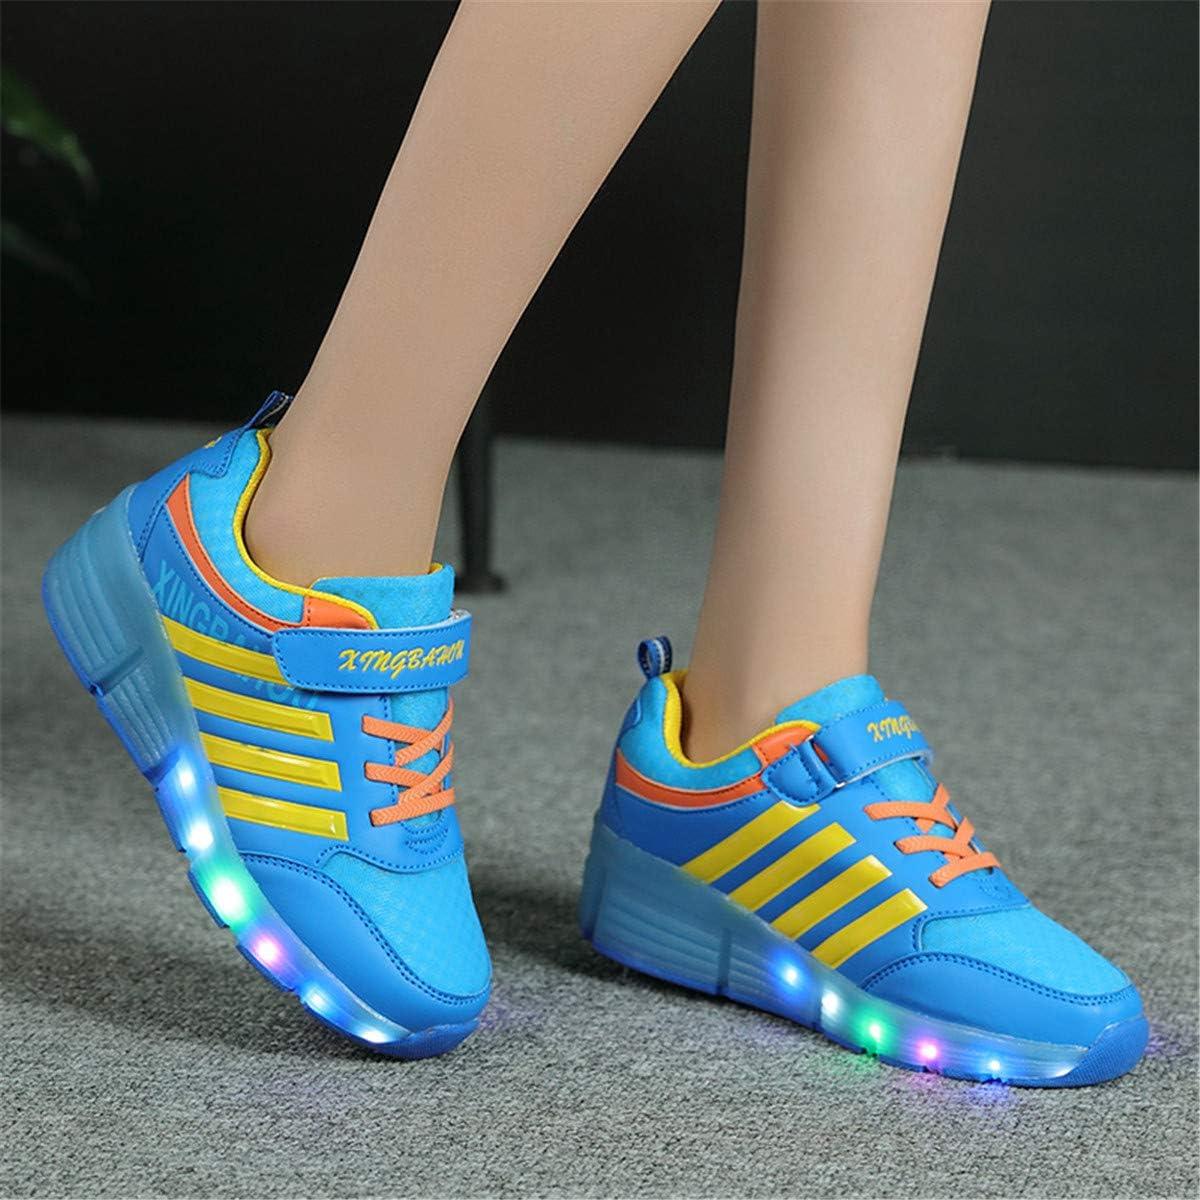 7 Color/és LED Chaussures Baskets pour Gar/çons et Filles Enfants Lumineuse avec Roue Chaussures de Sport Viken Azer-UK ❤❤❤Chaussures /à roulettes